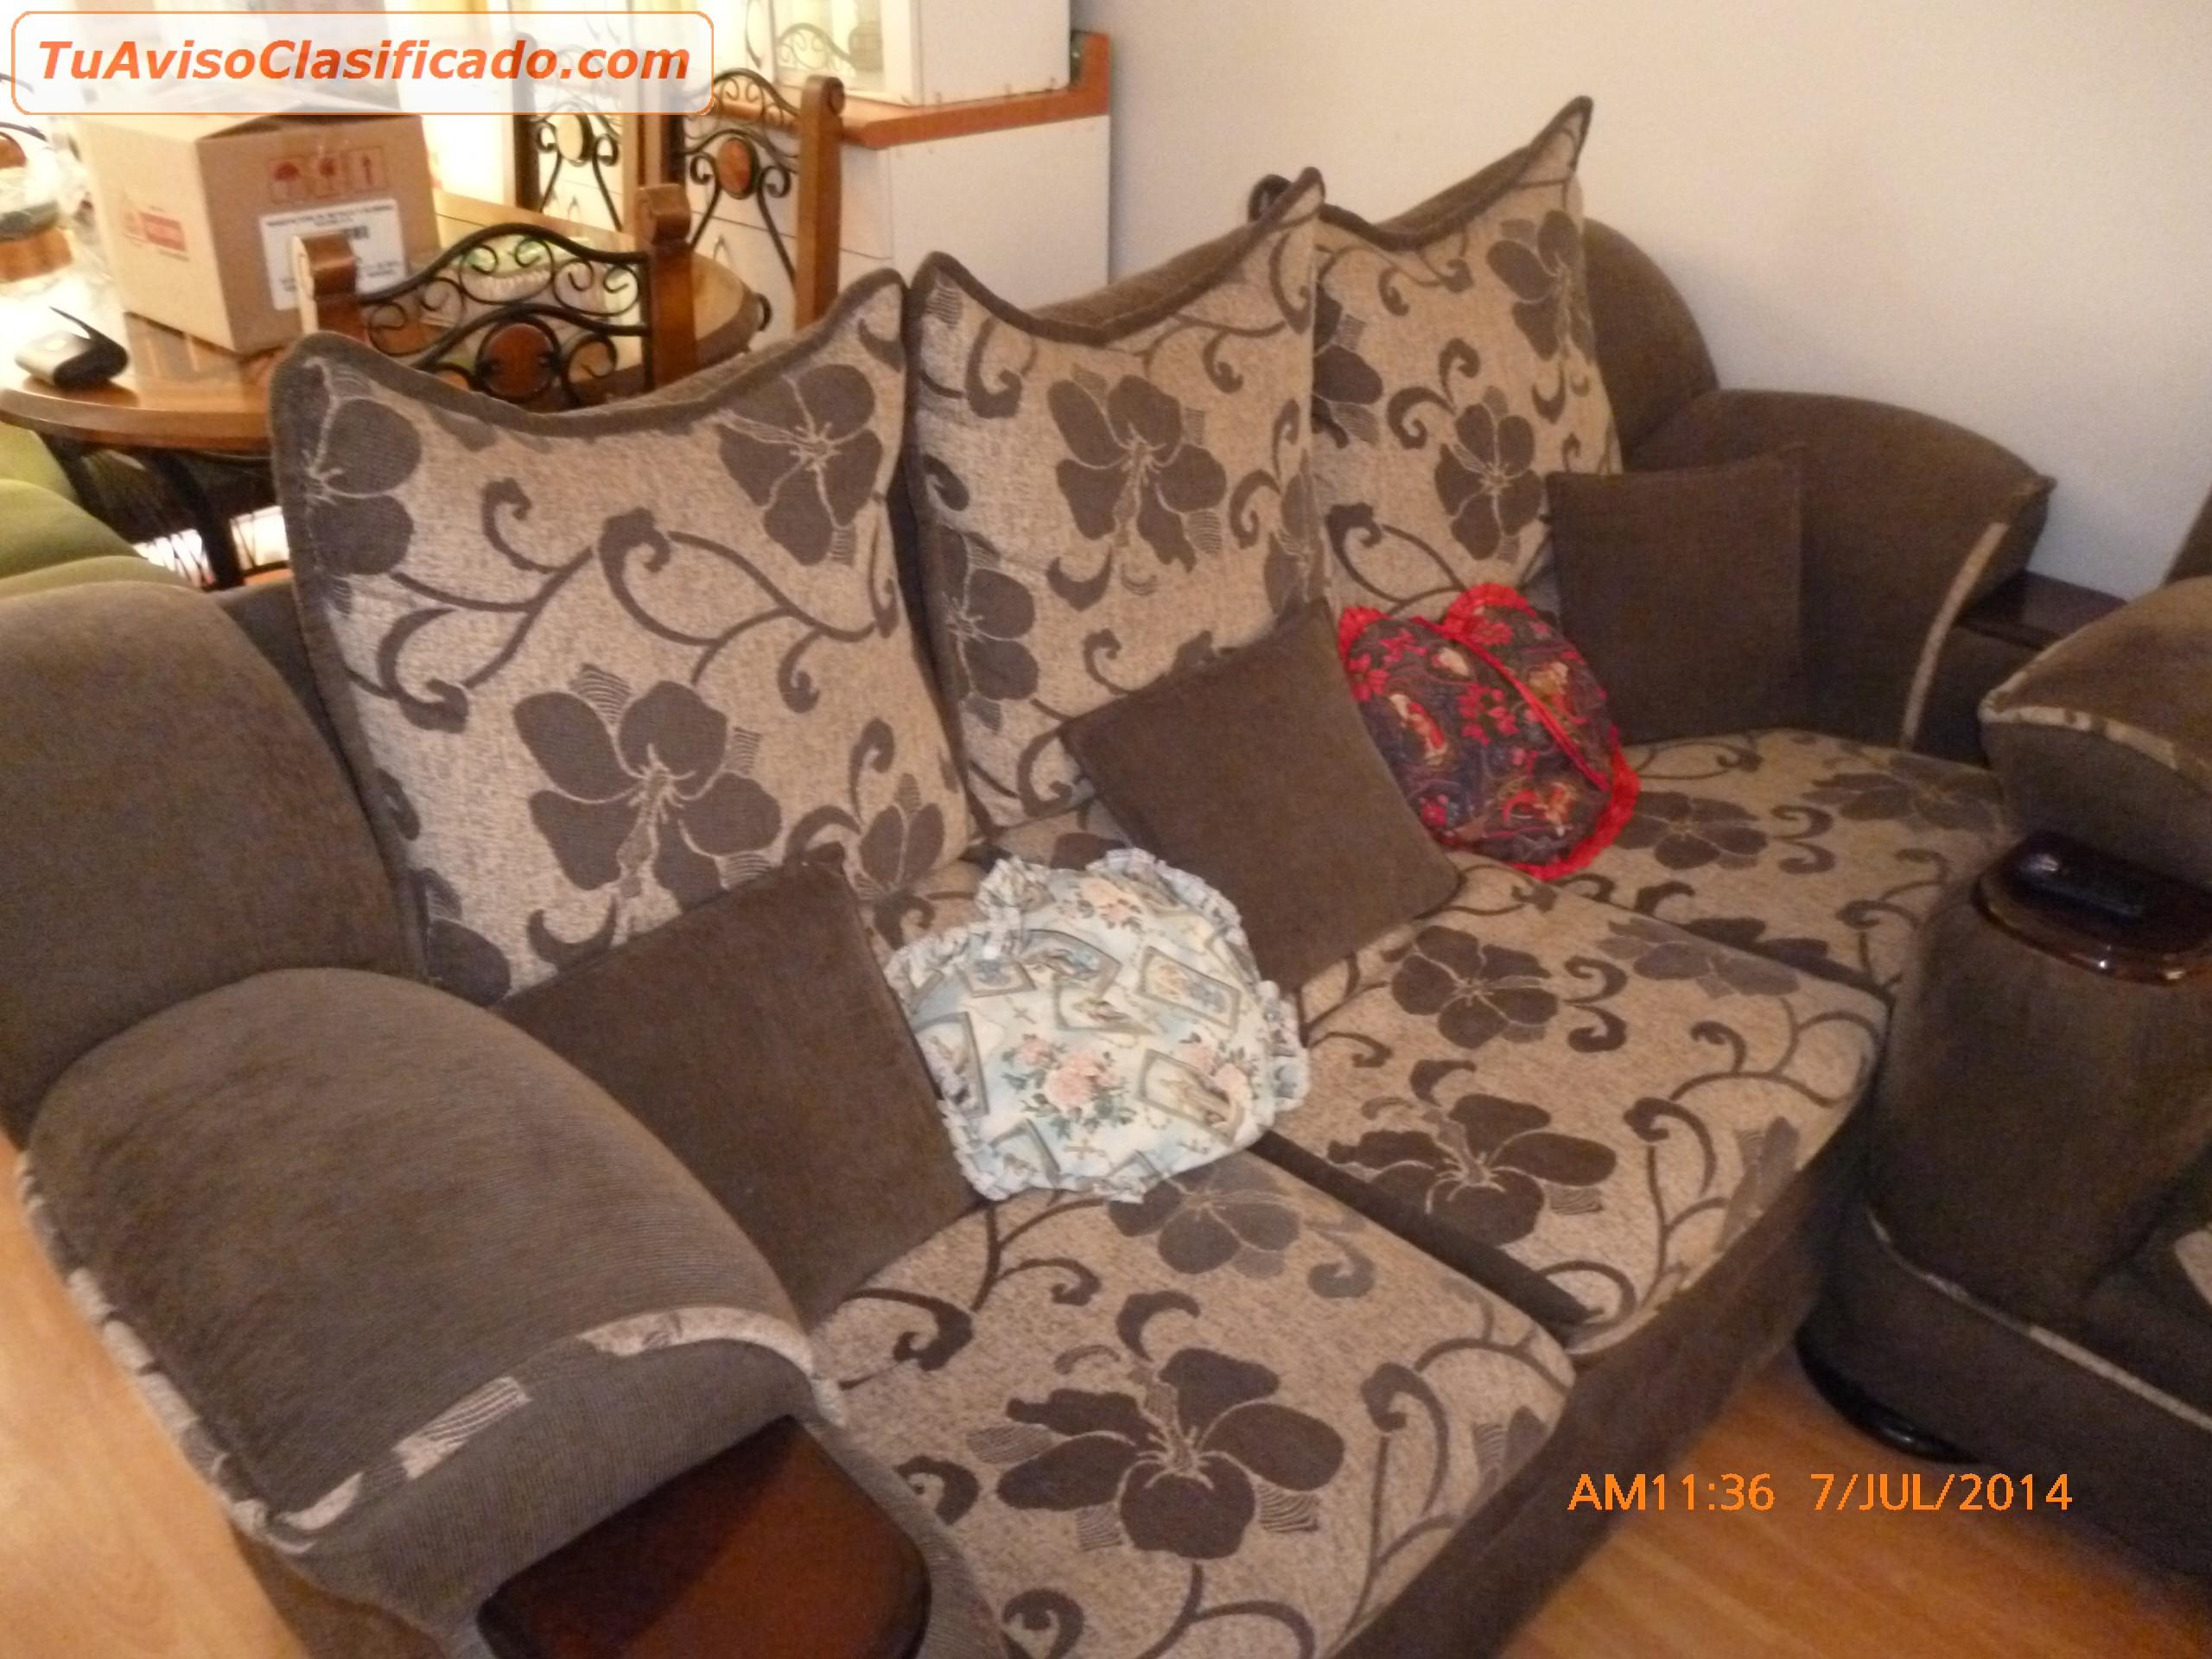 Venta de muebles sala, comedor, ropero, artefactos y otros ...